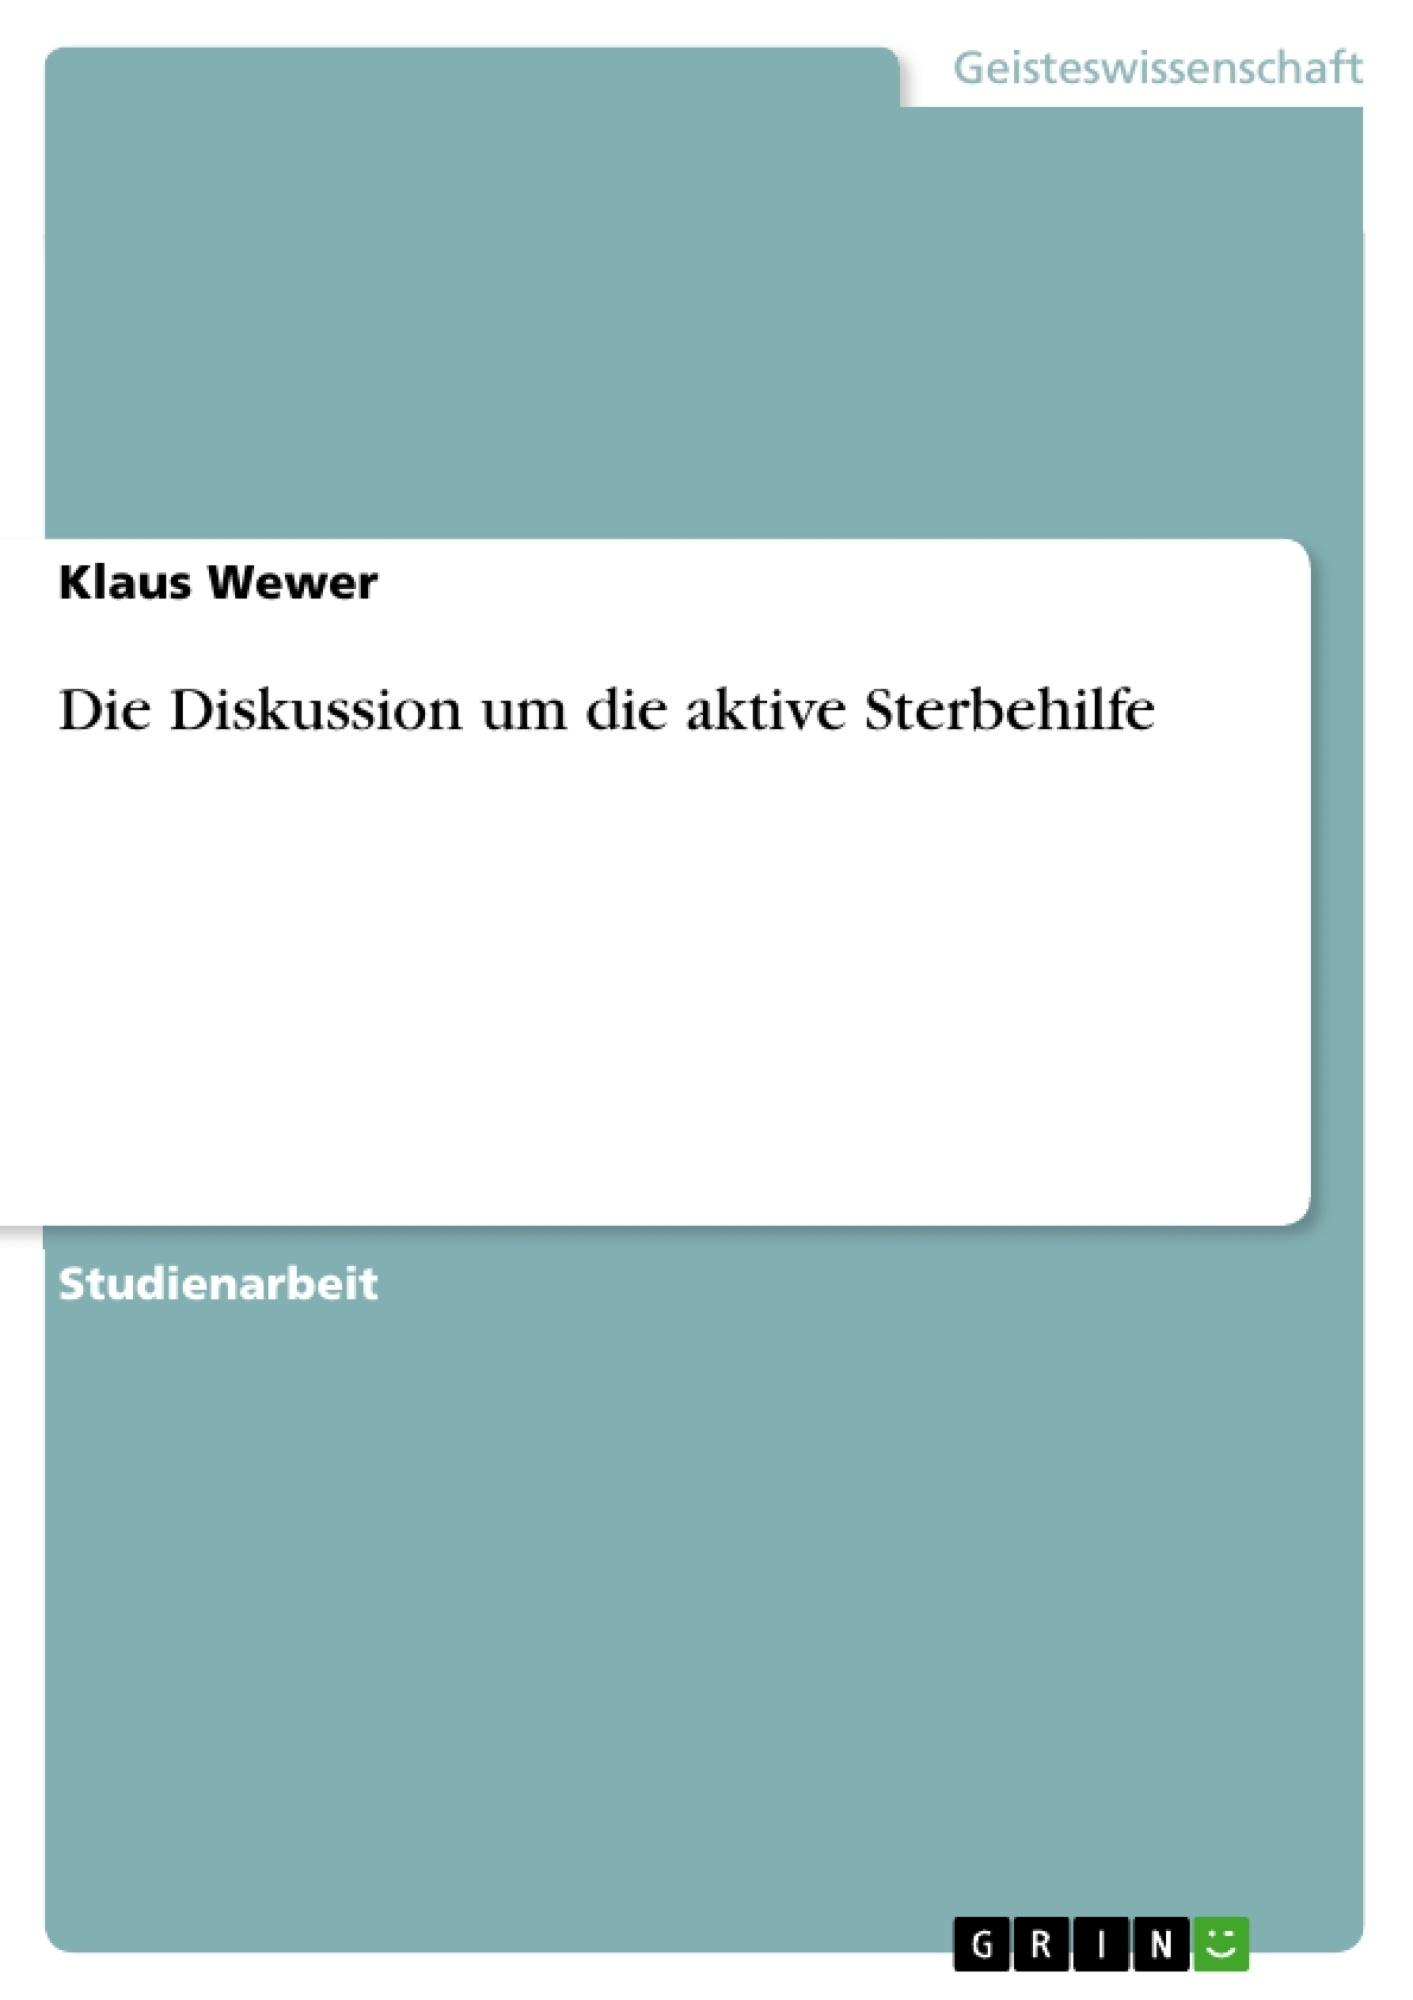 Titel: Die Diskussion um die aktive Sterbehilfe